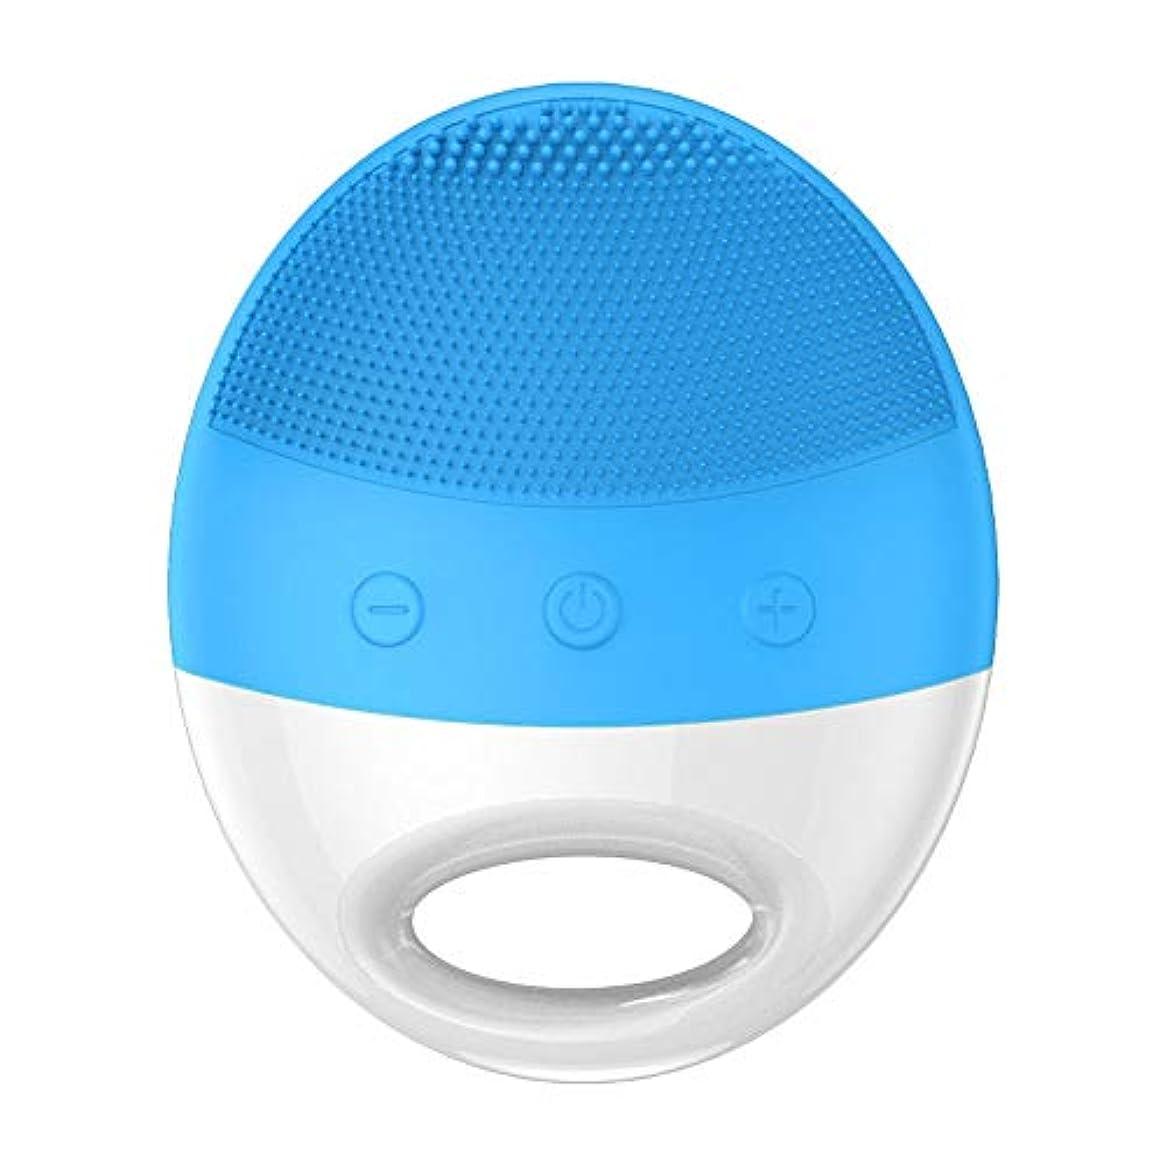 器官セッションピック超音波美の洗浄器械の電気シリコーンの洗浄のアーティファクトの気孔のクリーニングの器械 (Color : Blue)